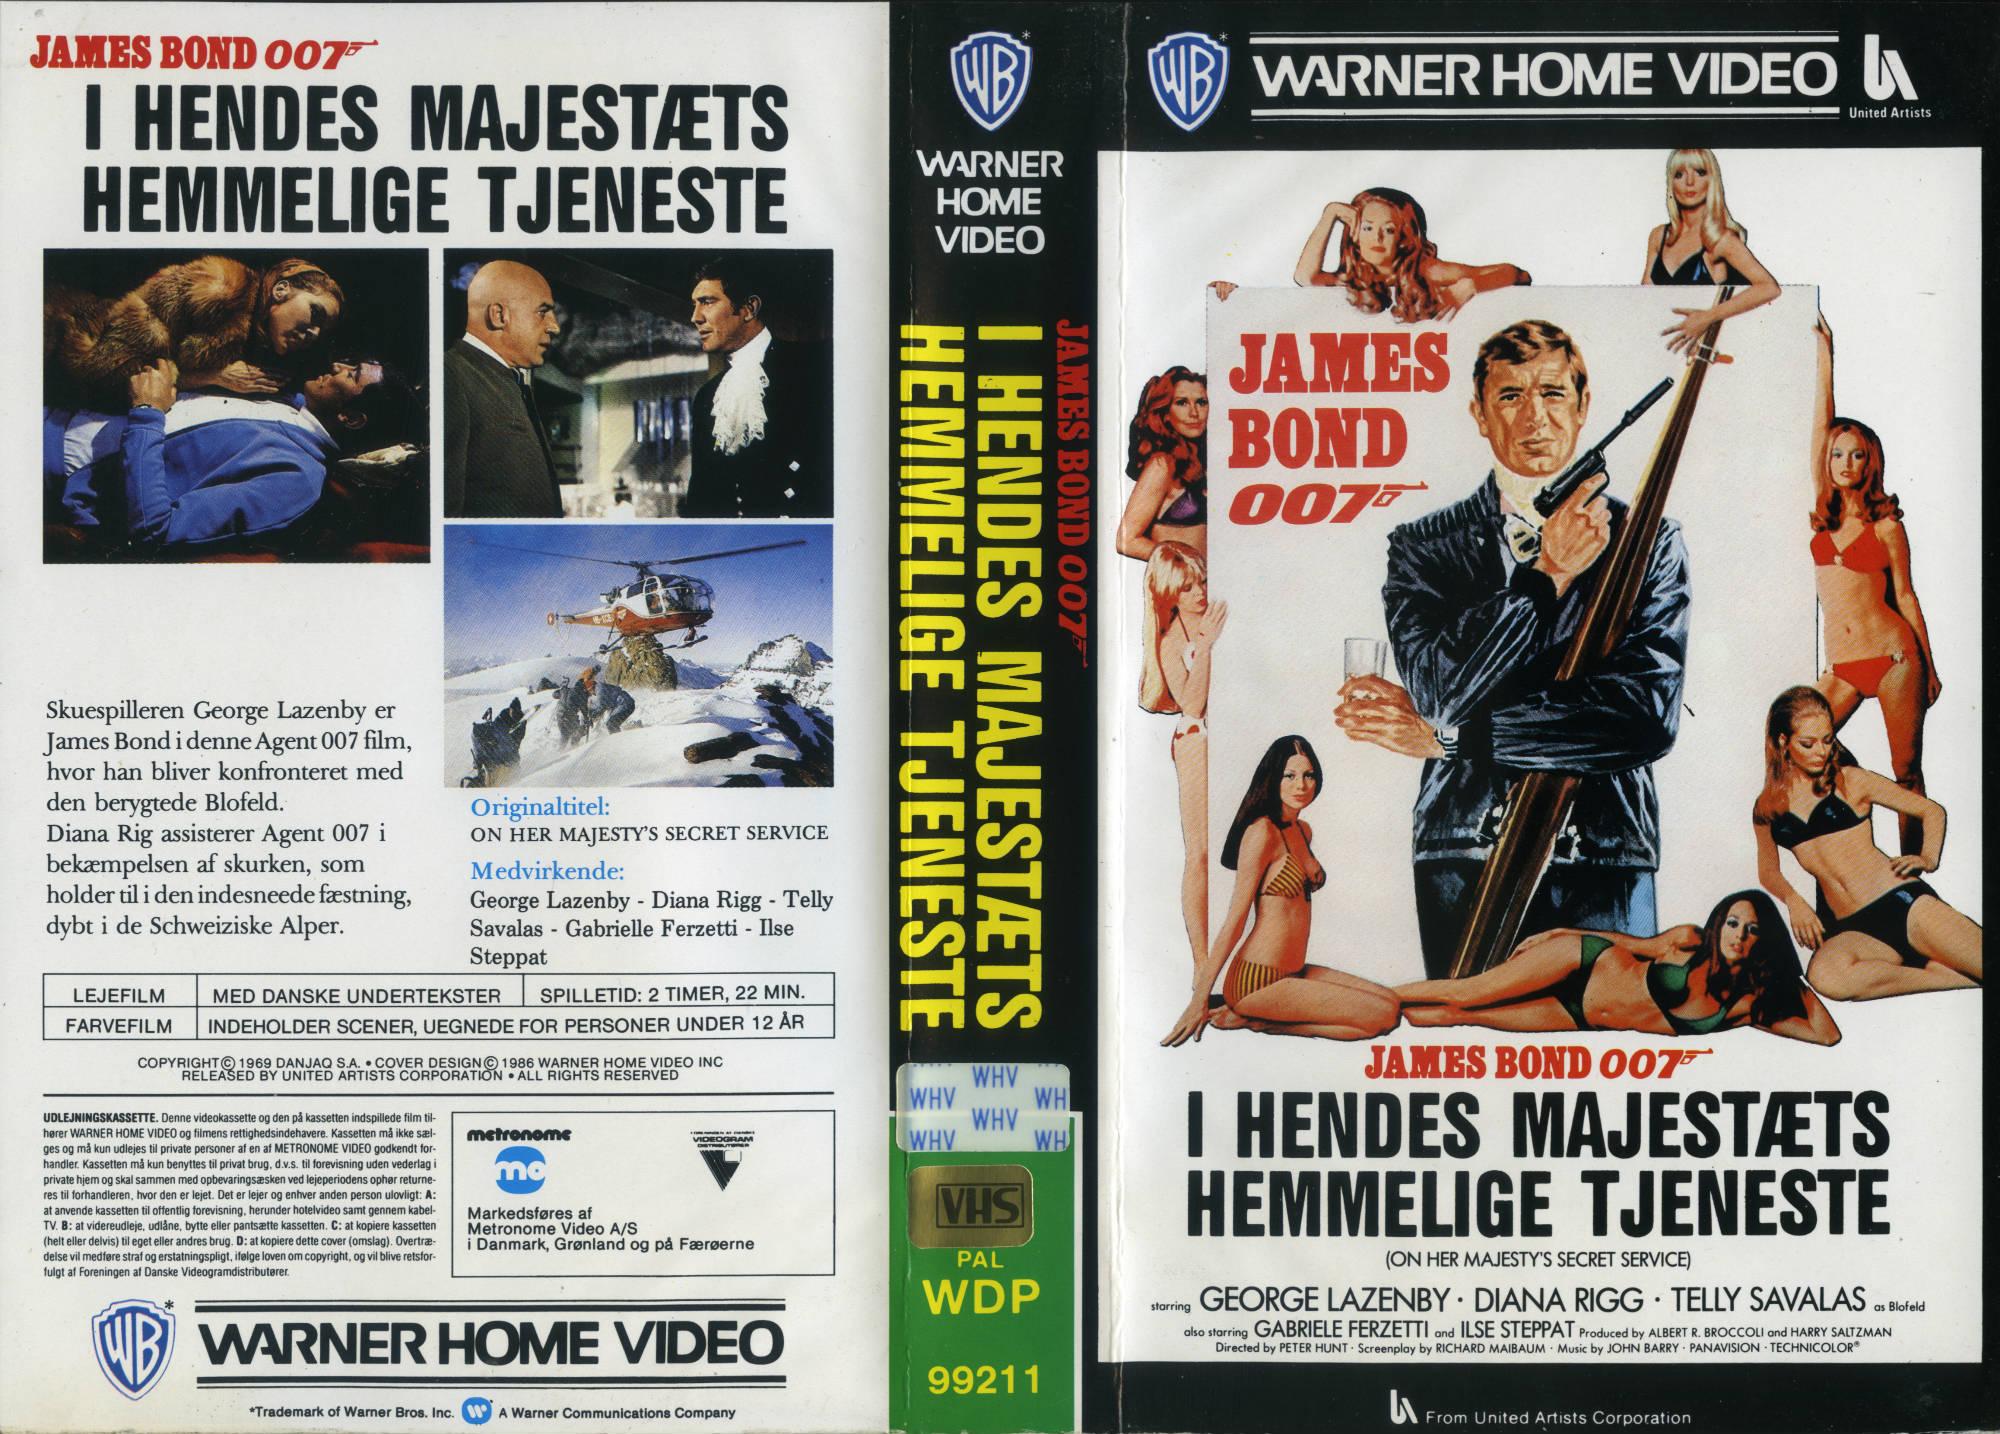 James Bond 007 i Hendes Majestæts hemmelige tjeneste: Dansk videoomslag (1986)